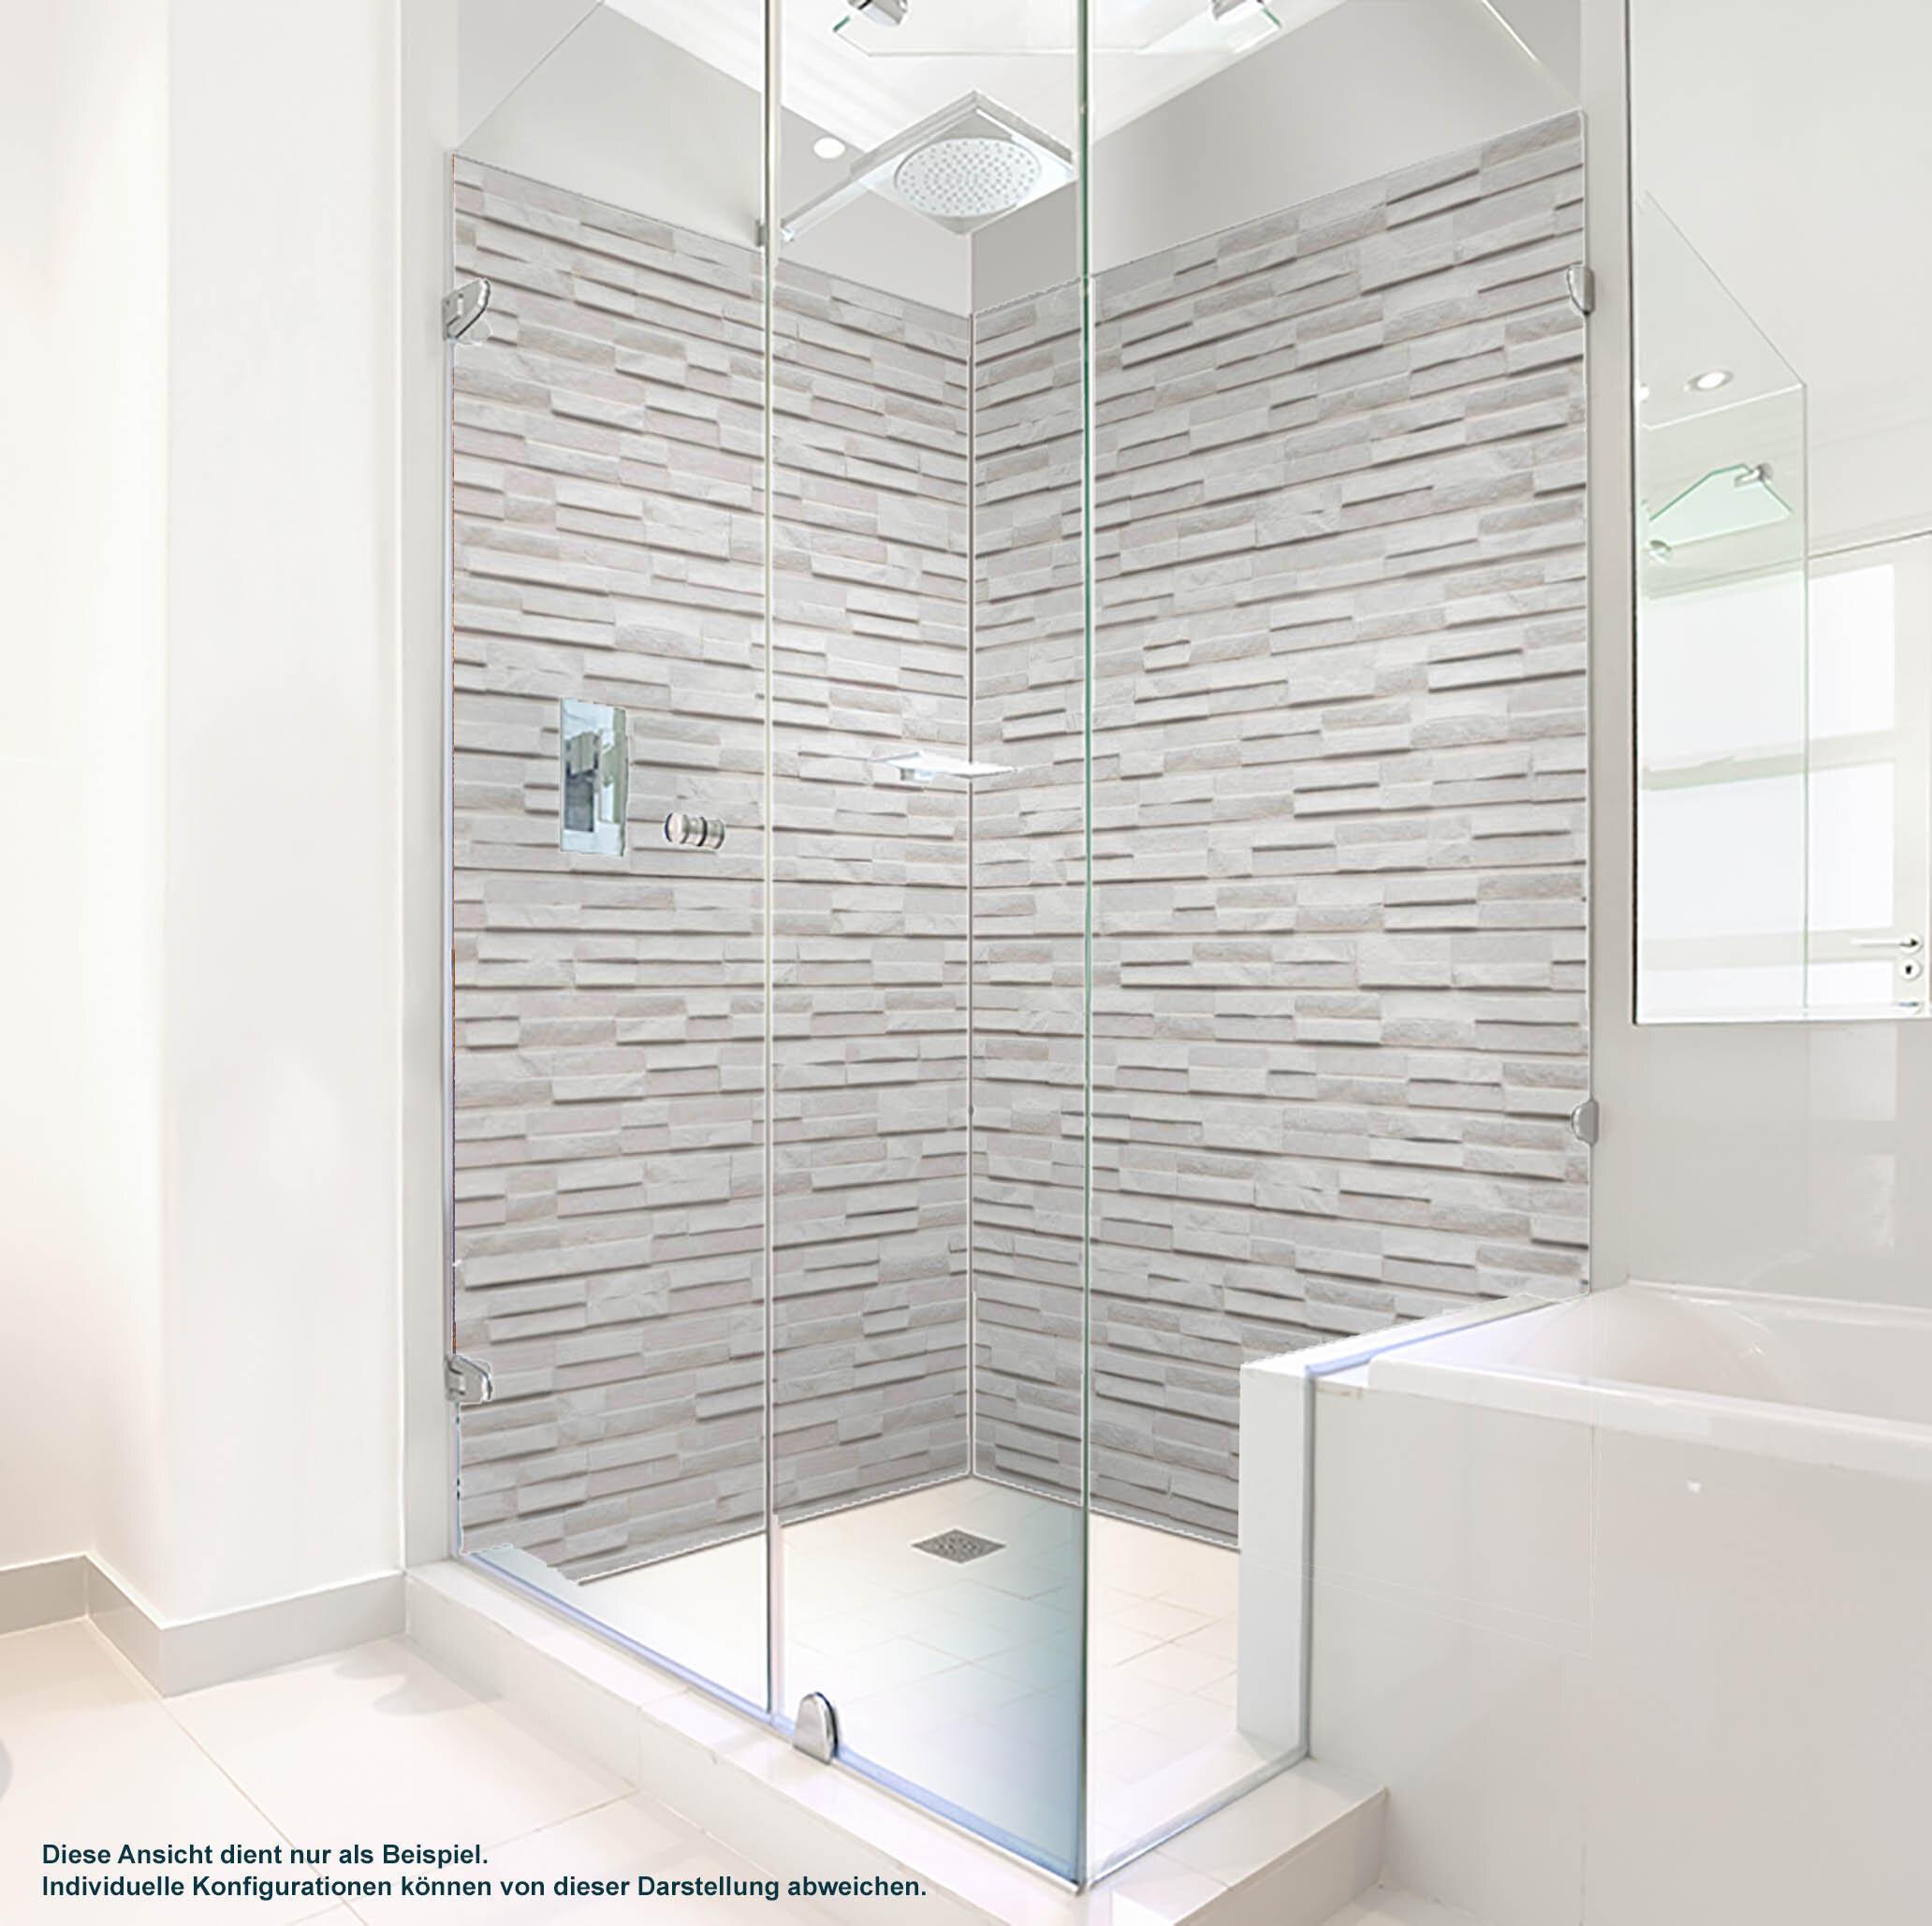 Dusche PlateART Duschrückwand mit Motiv Stein Marmor Weiß